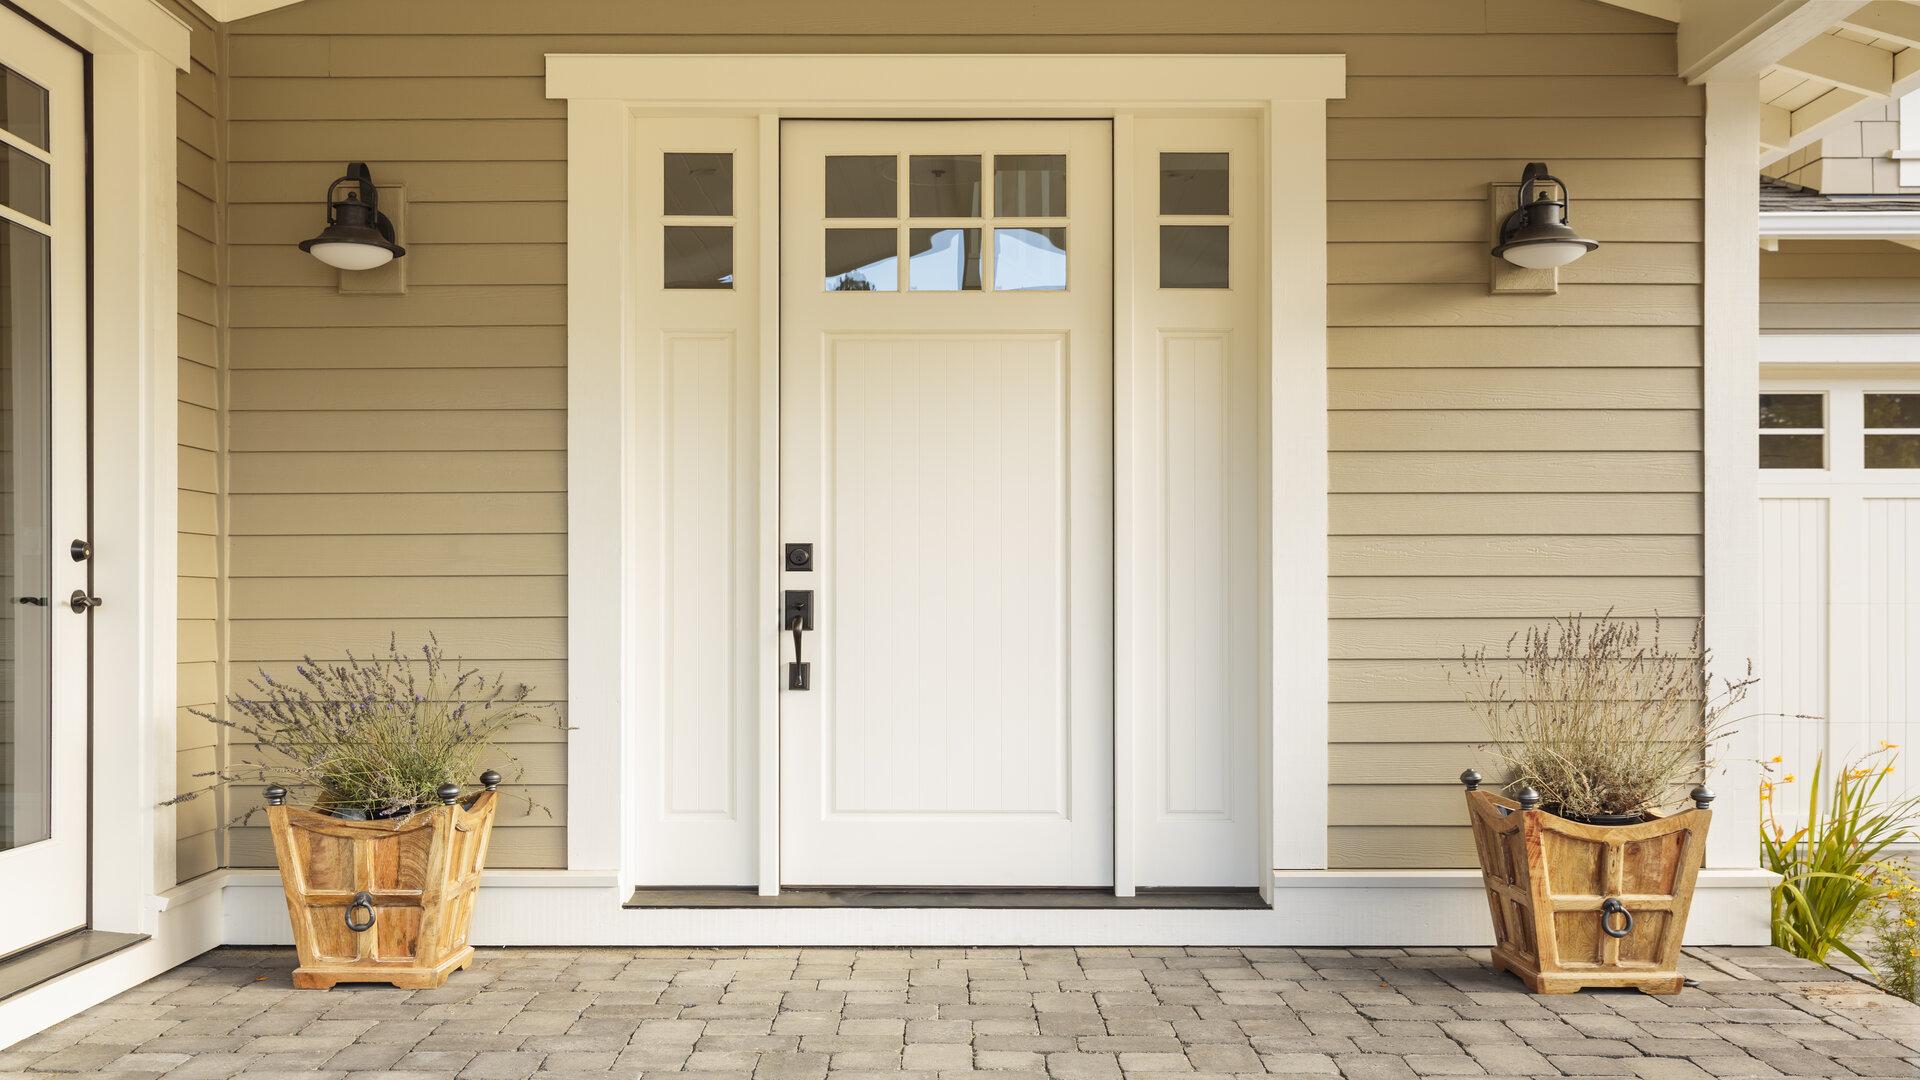 comment choisir une porte d entr e archidesign. Black Bedroom Furniture Sets. Home Design Ideas